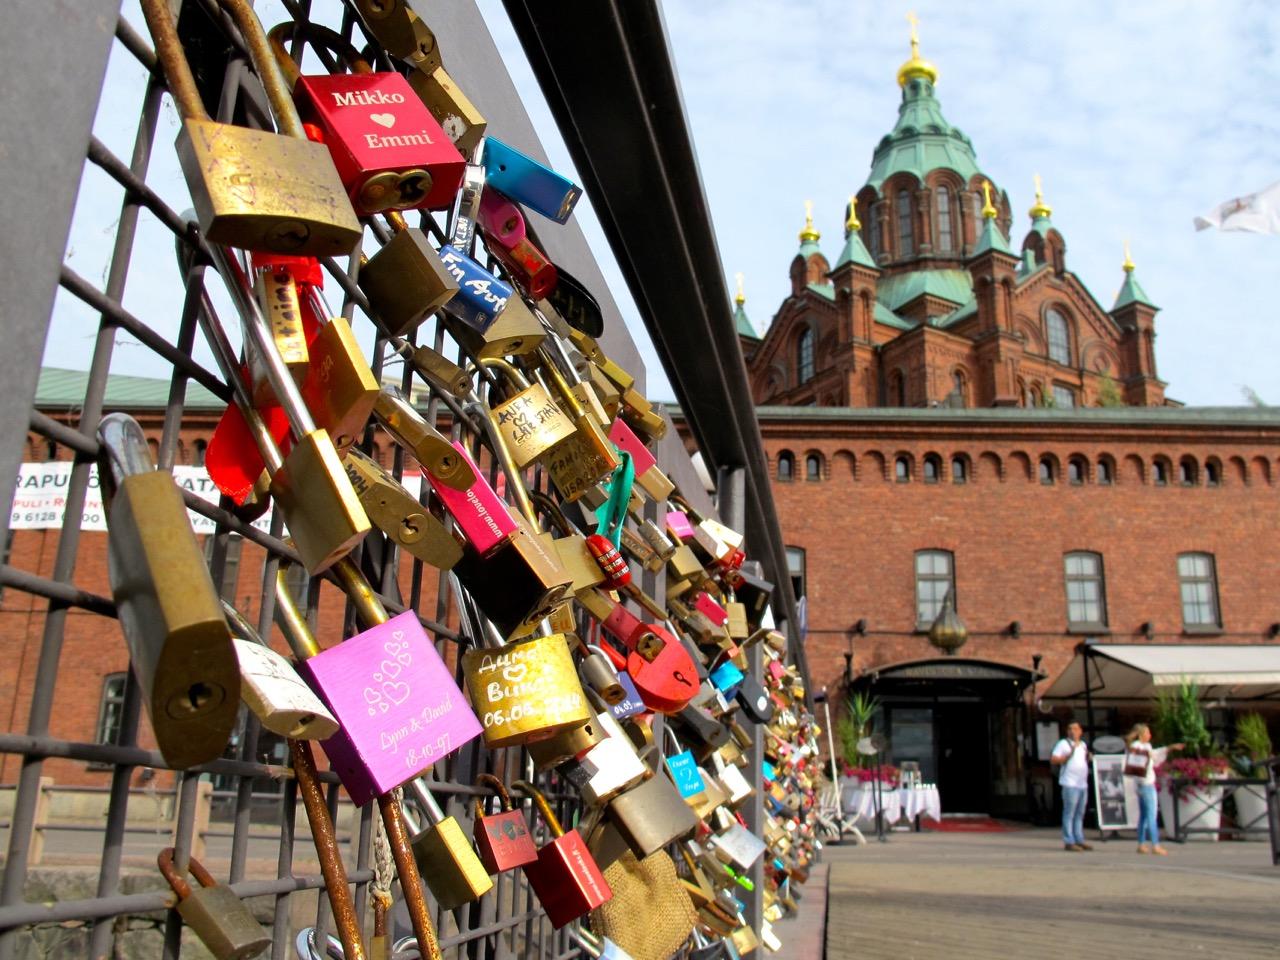 Liebesschlösser an einem Brückengeländer auf dem Weg zur Uspenski Kathedrale.